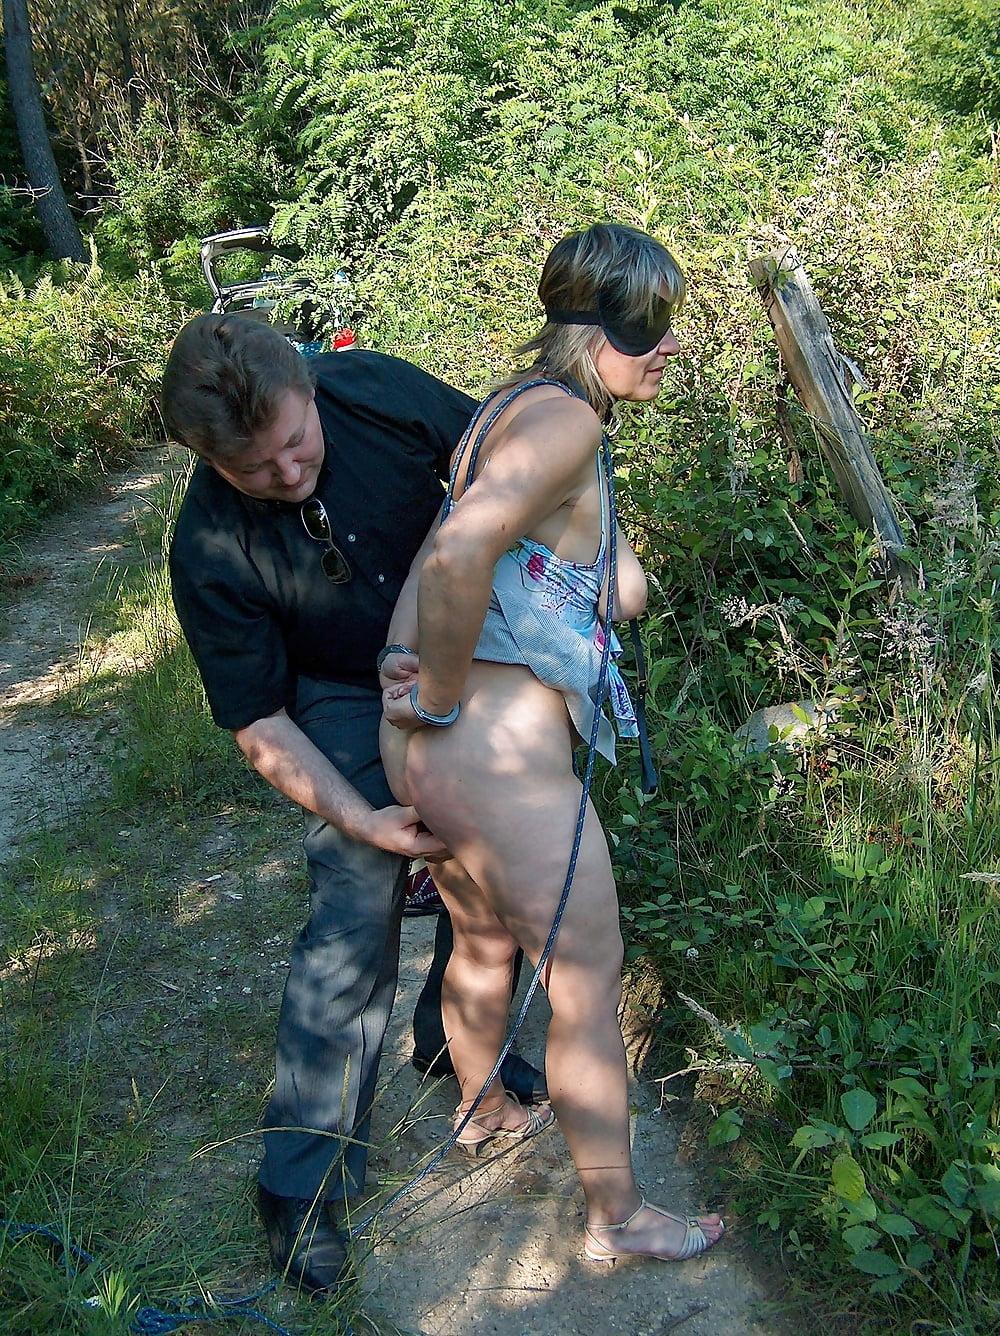 Rallige Freundin mit Daumen im Arsch durch gefickt